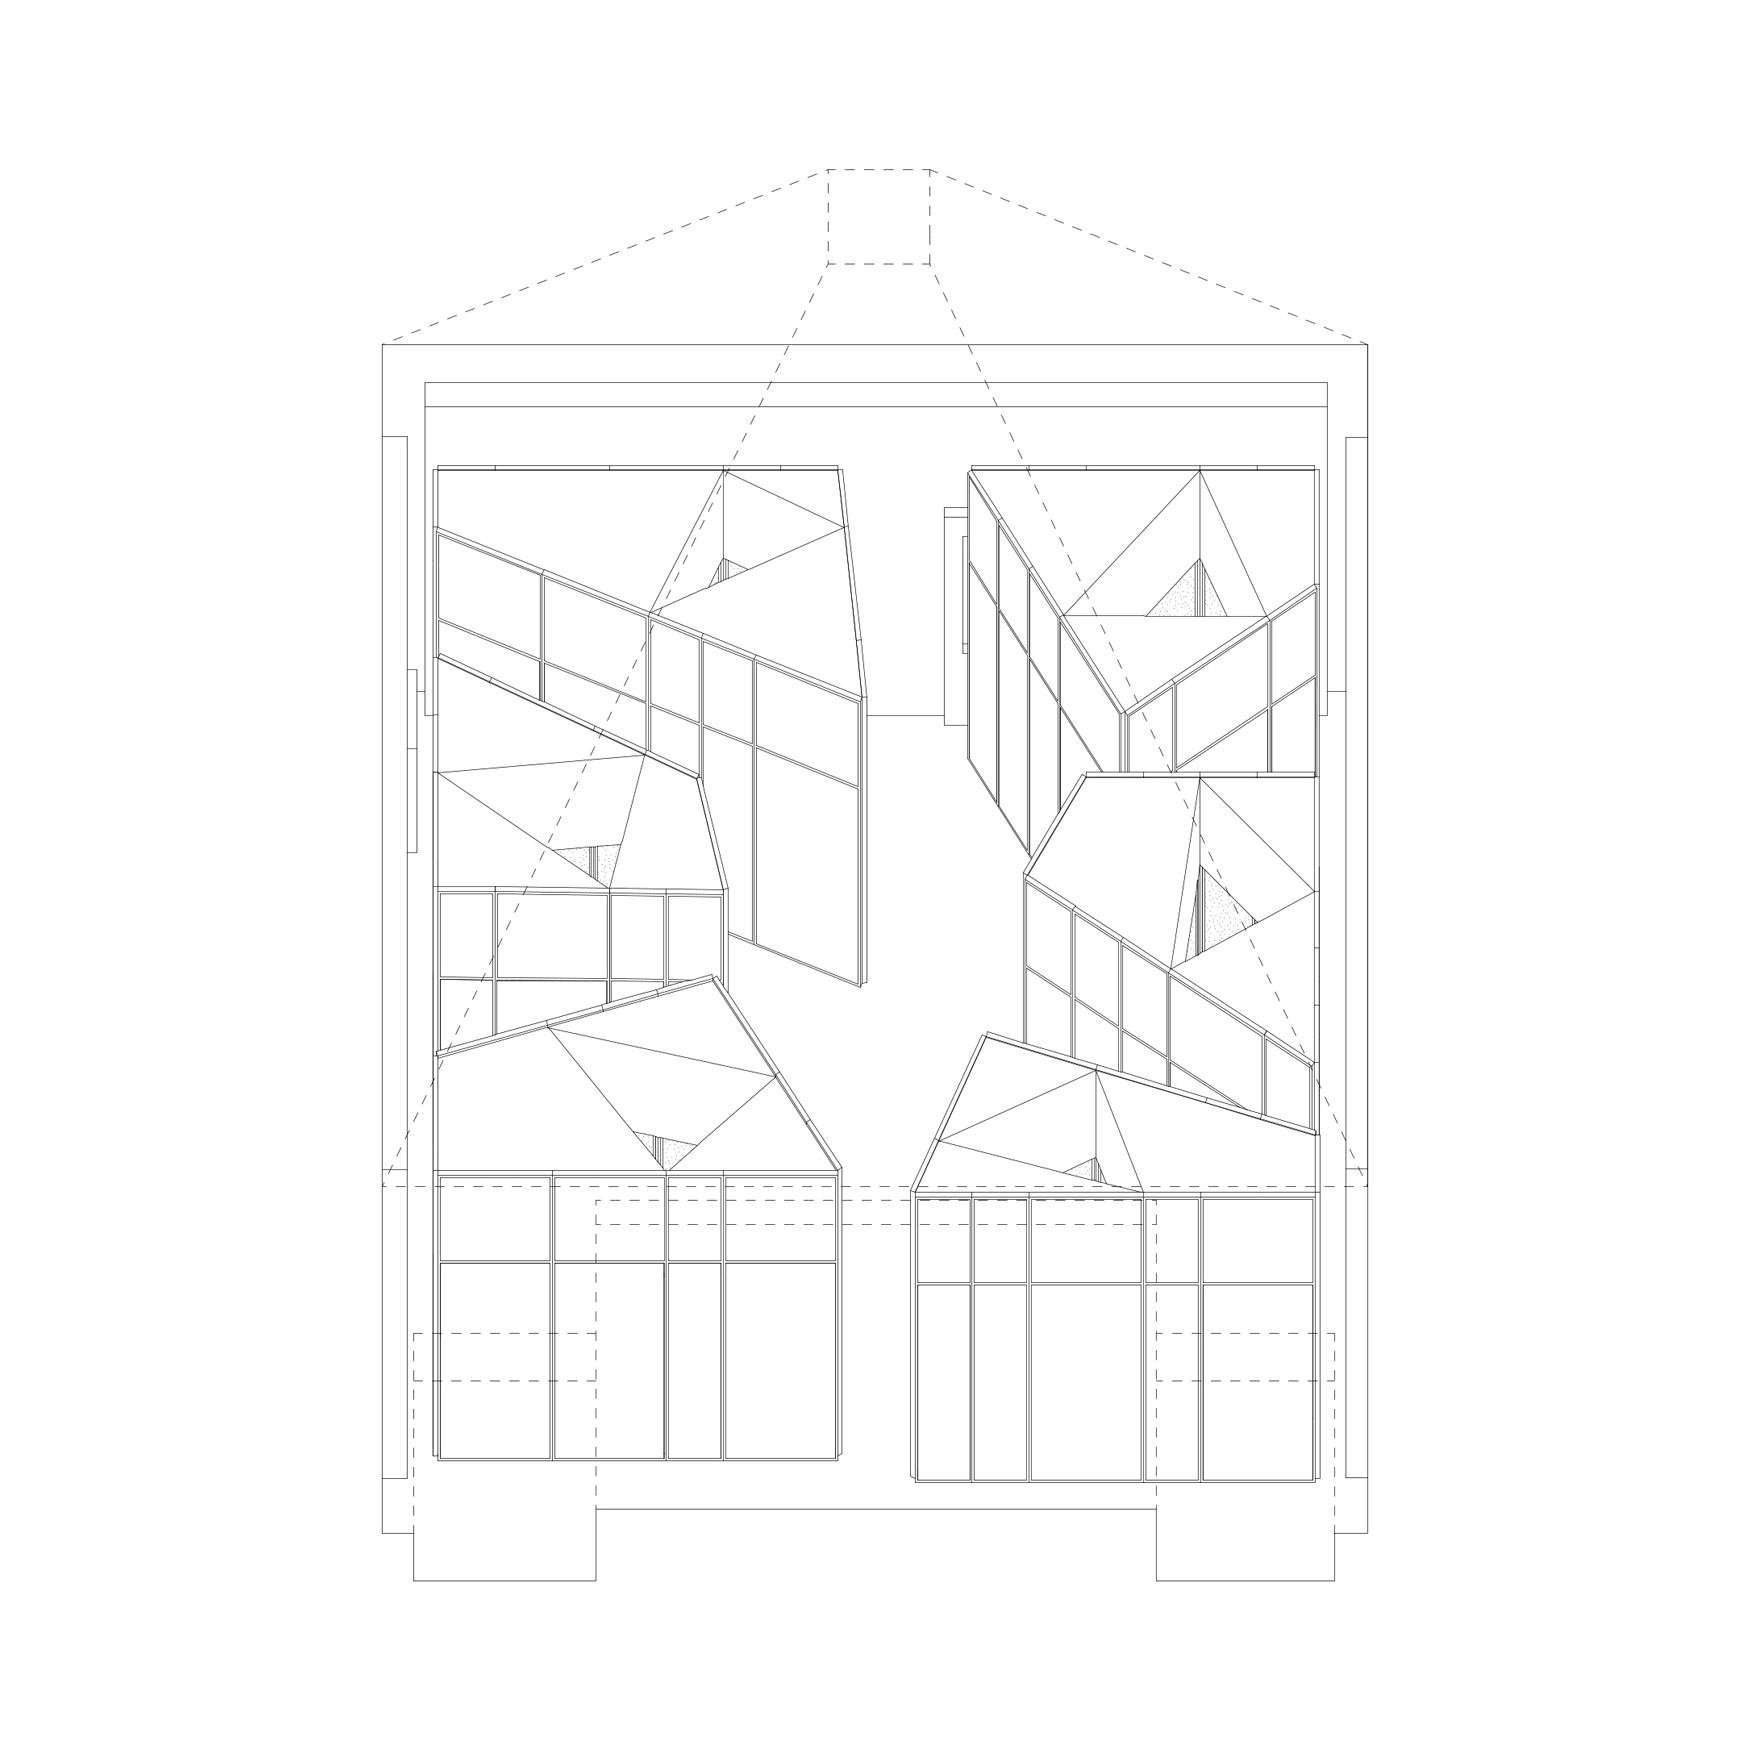 1401_SK_01-Oblique-Overview-01_p3-(web-edit).jpg